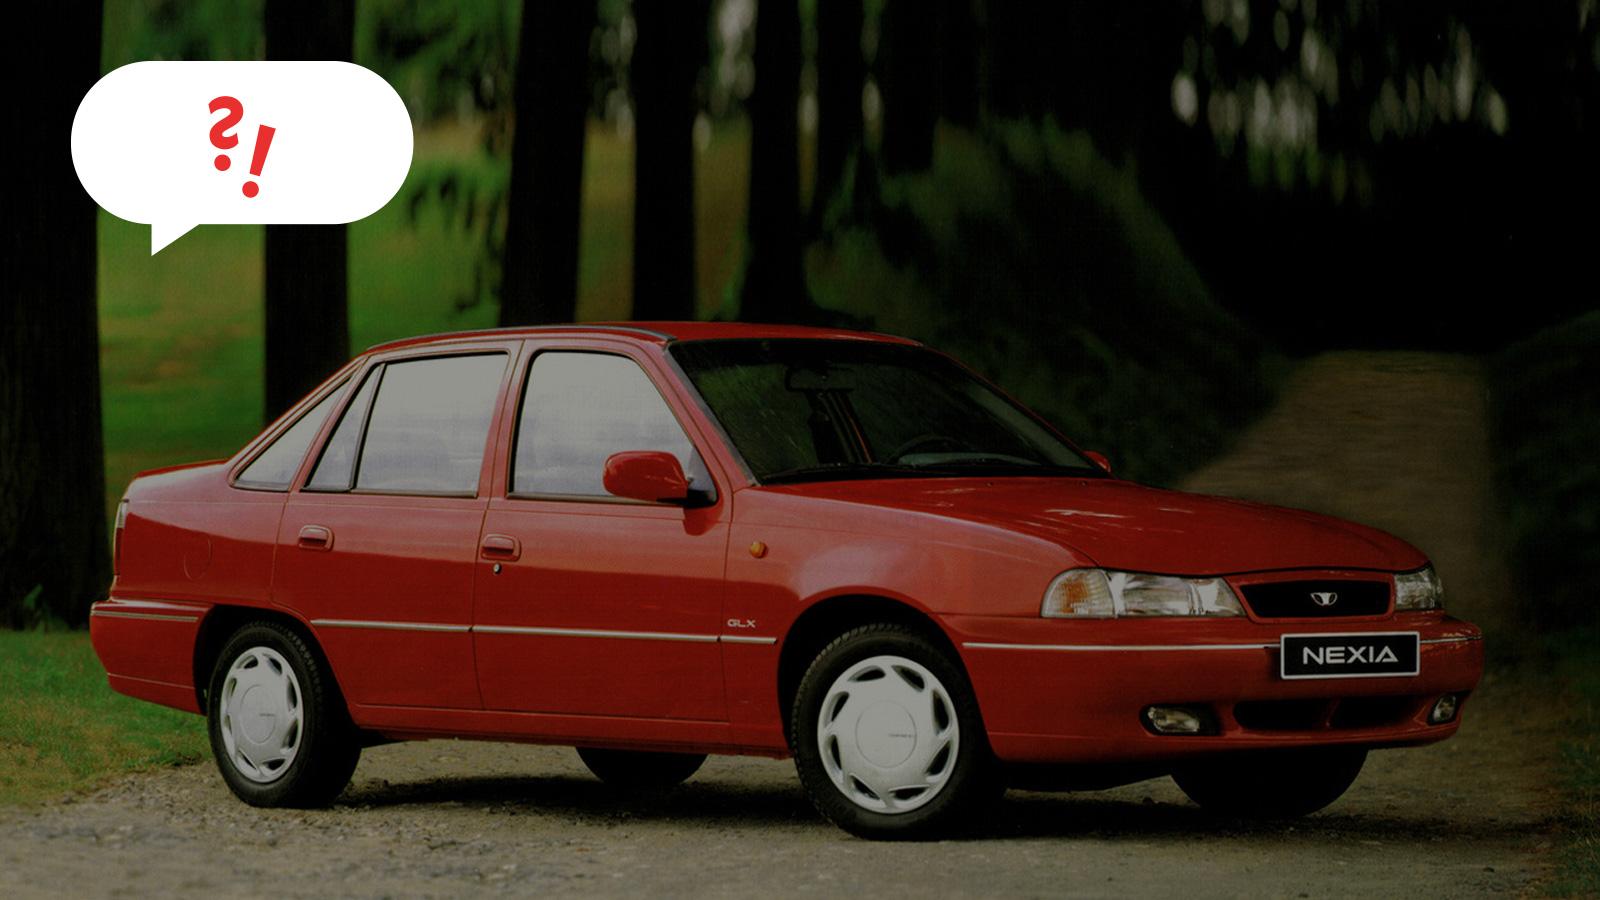 Опрос: самые дорогие исамые дешёвые машины, накоторых выездили